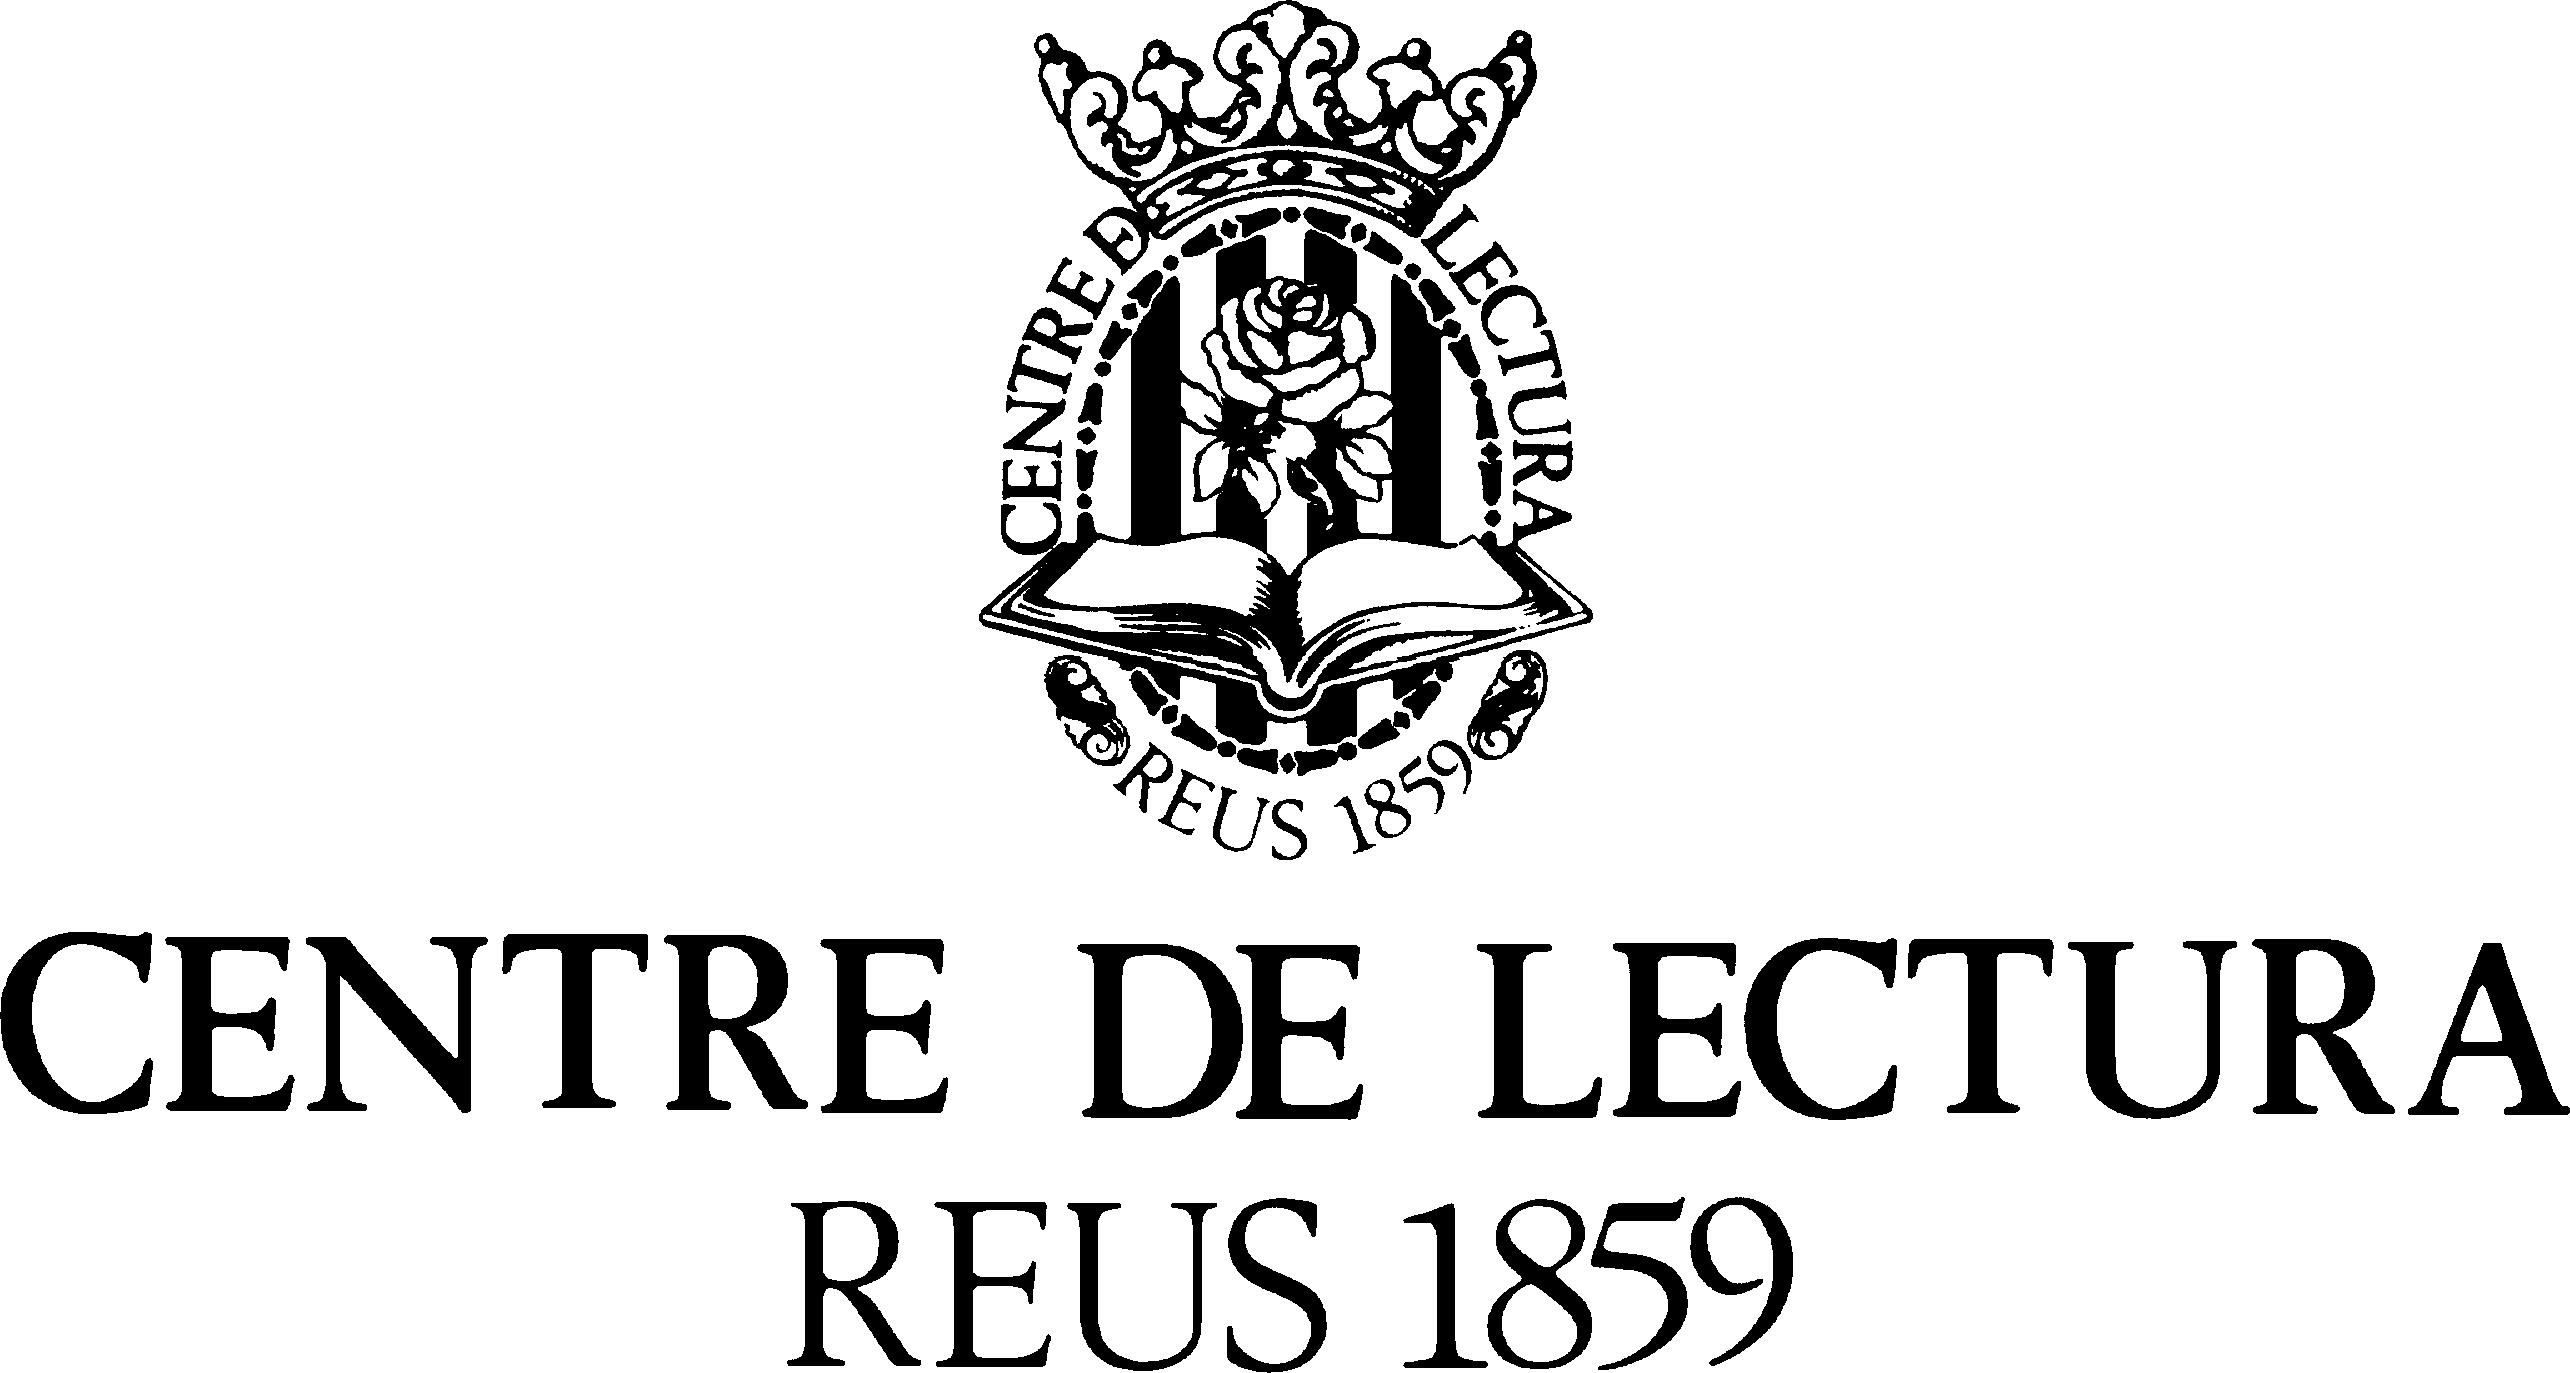 150 anys de cultura a Reus